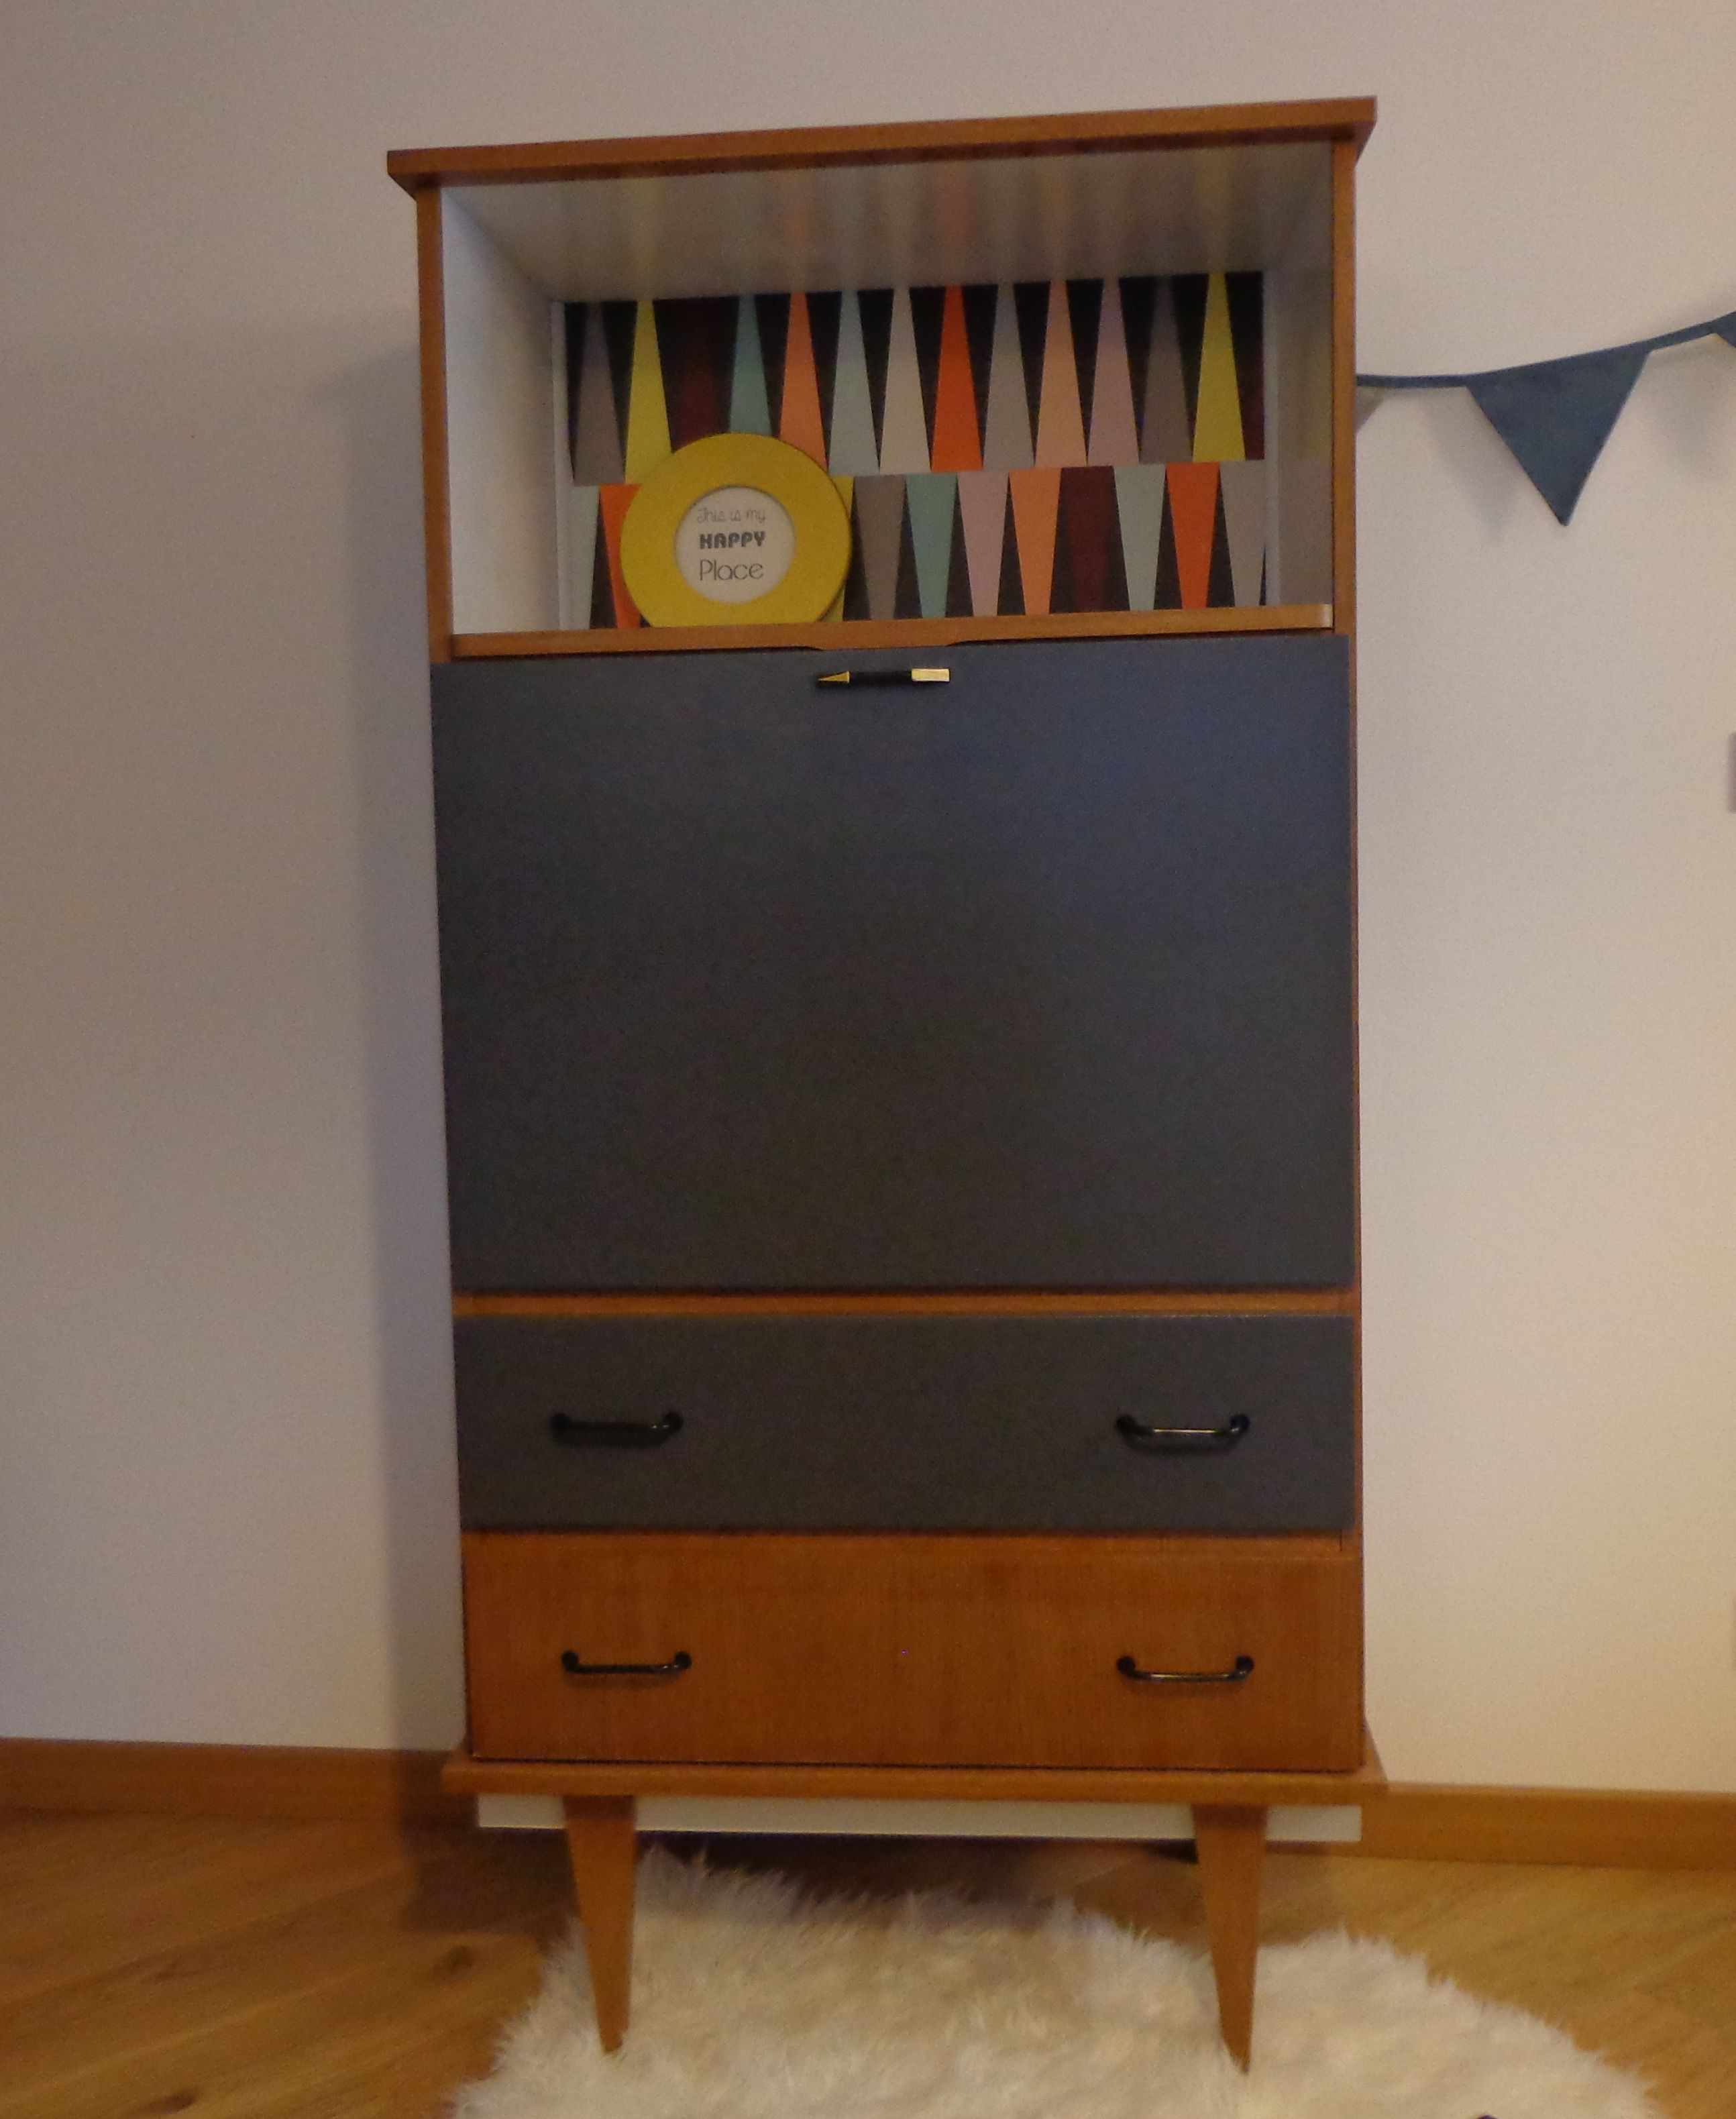 secr taire vintage oscar relooking meubles en 2018. Black Bedroom Furniture Sets. Home Design Ideas